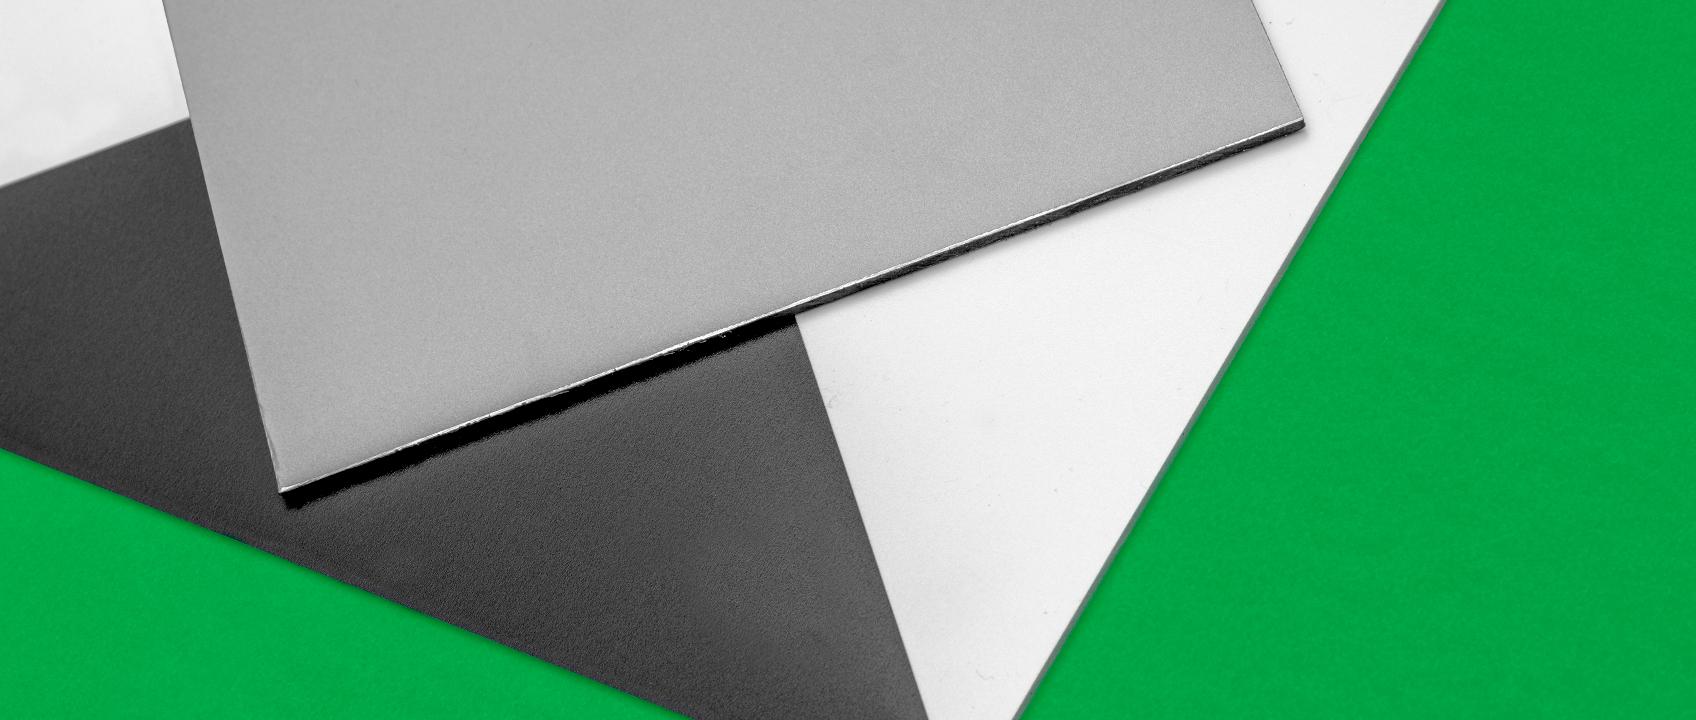 Stampa Fotoquadro in Alluminio